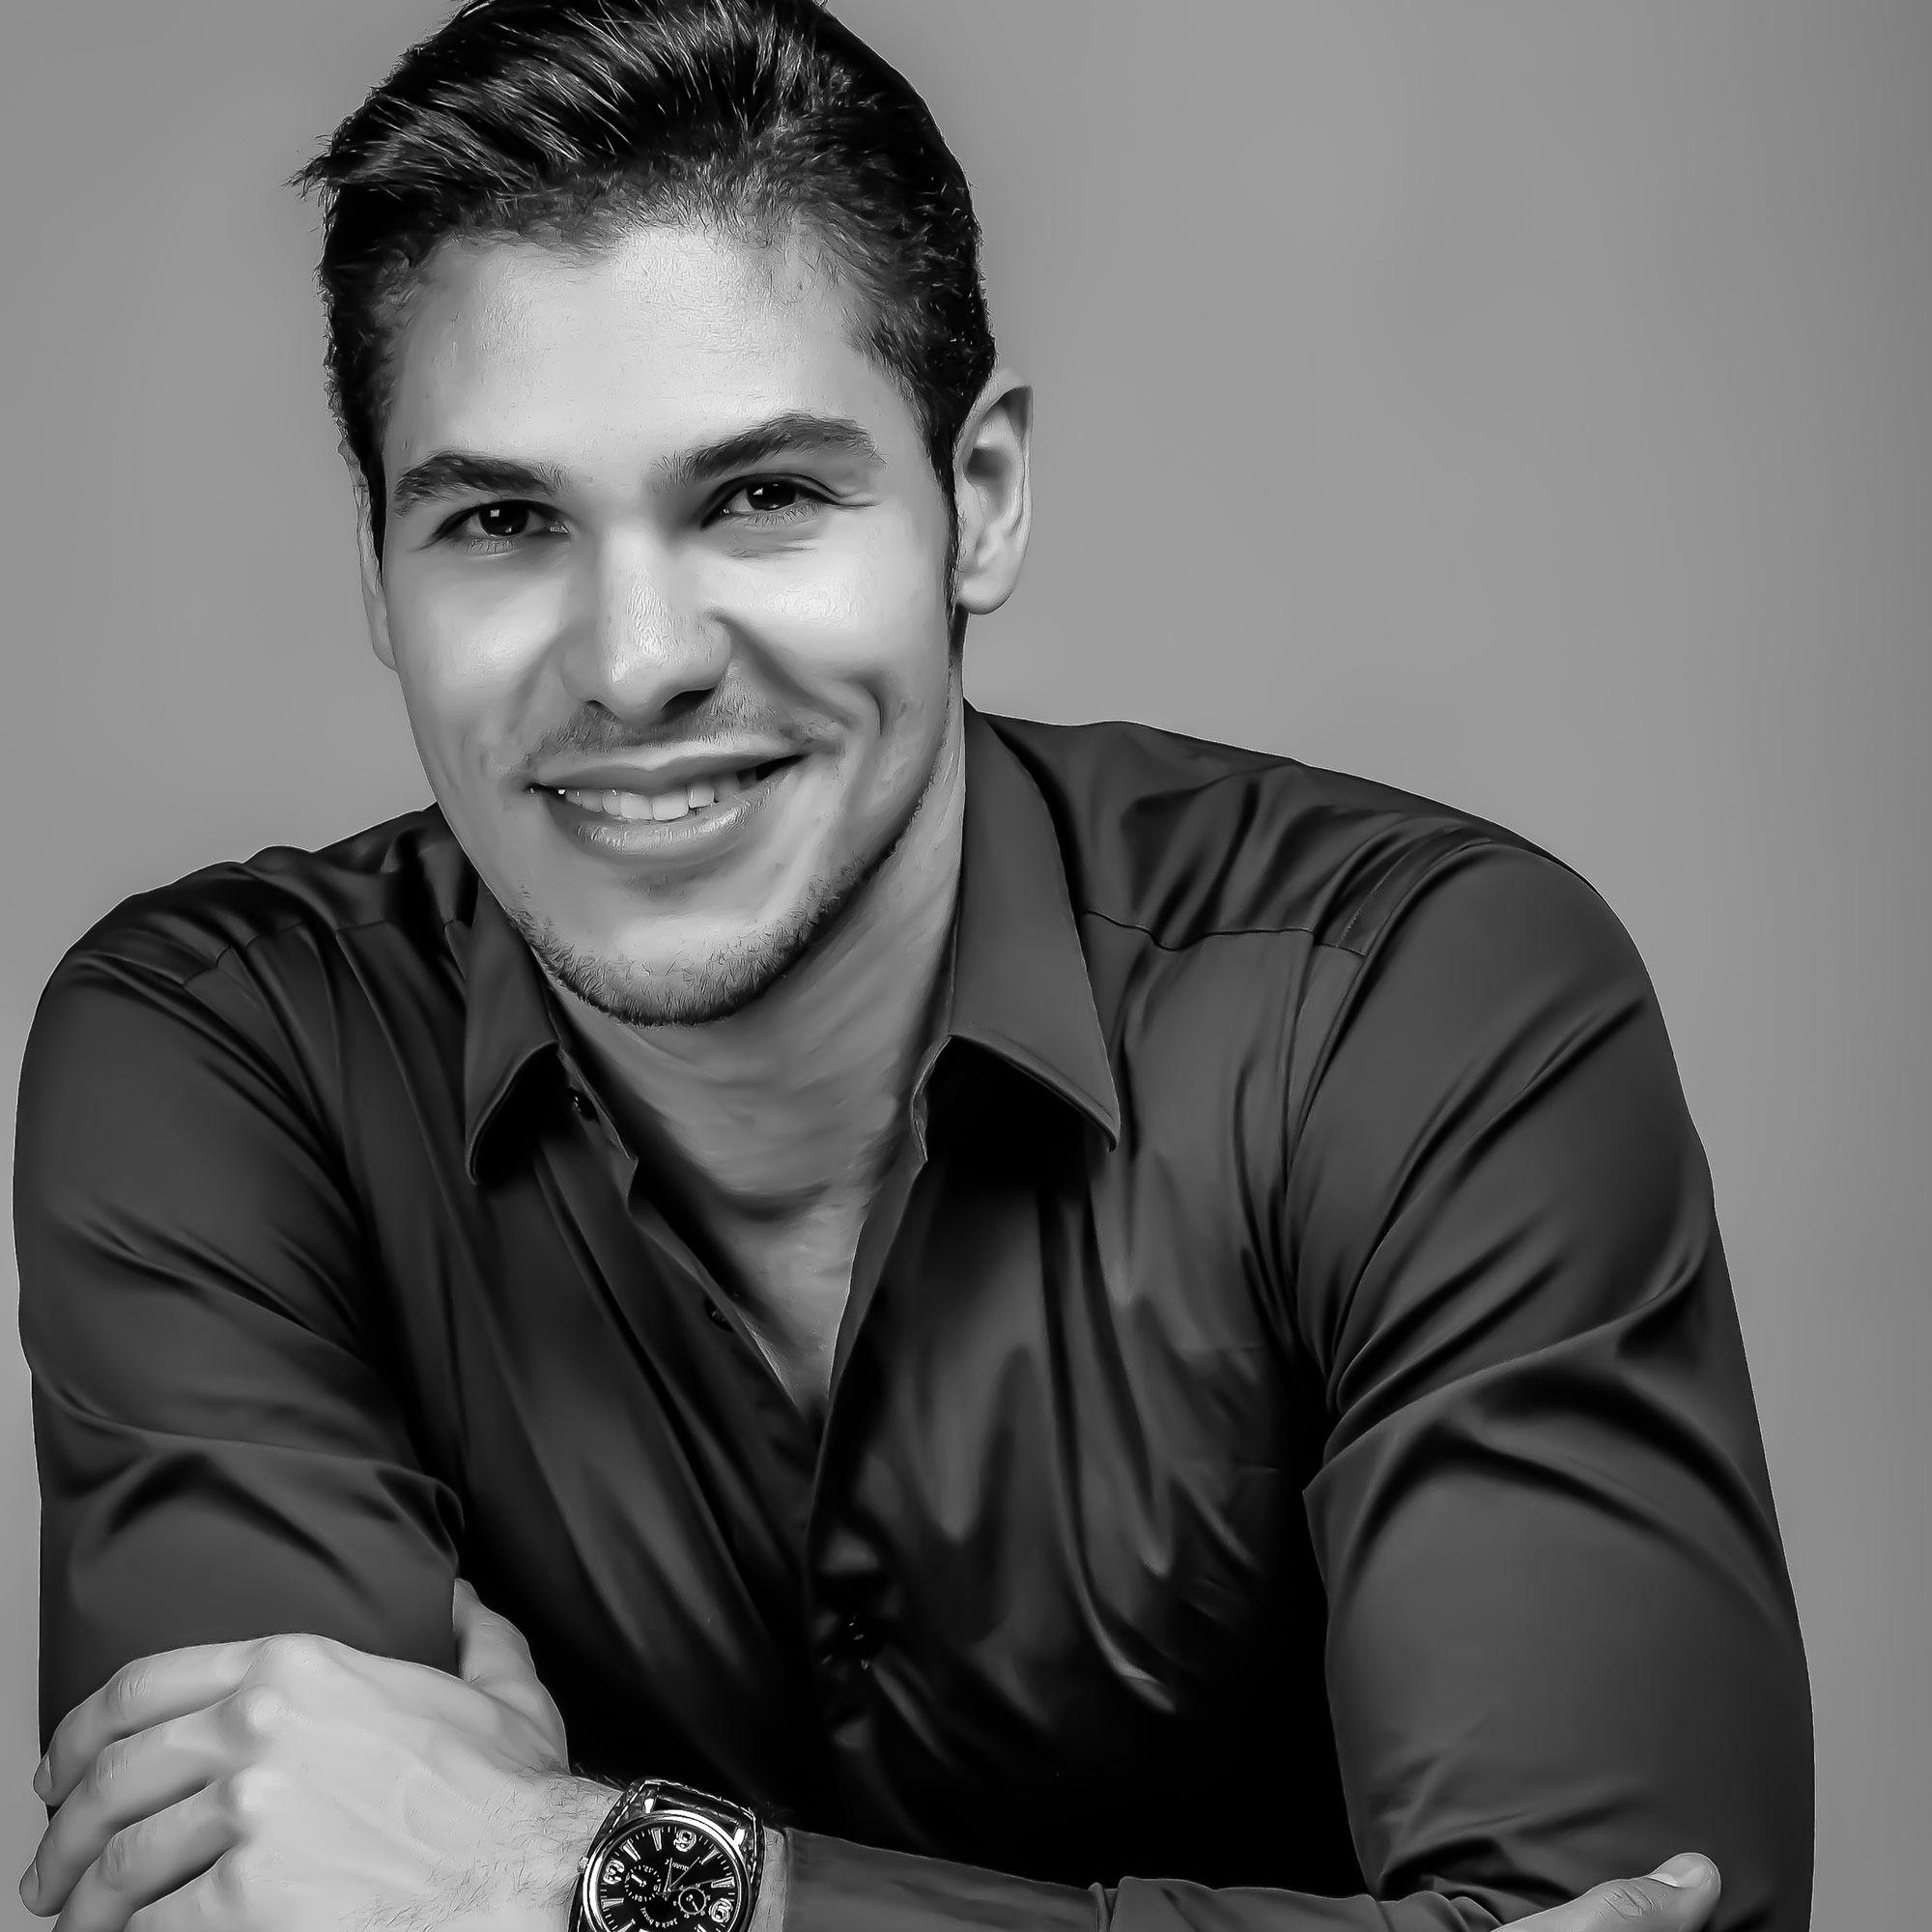 Armando De Almeida